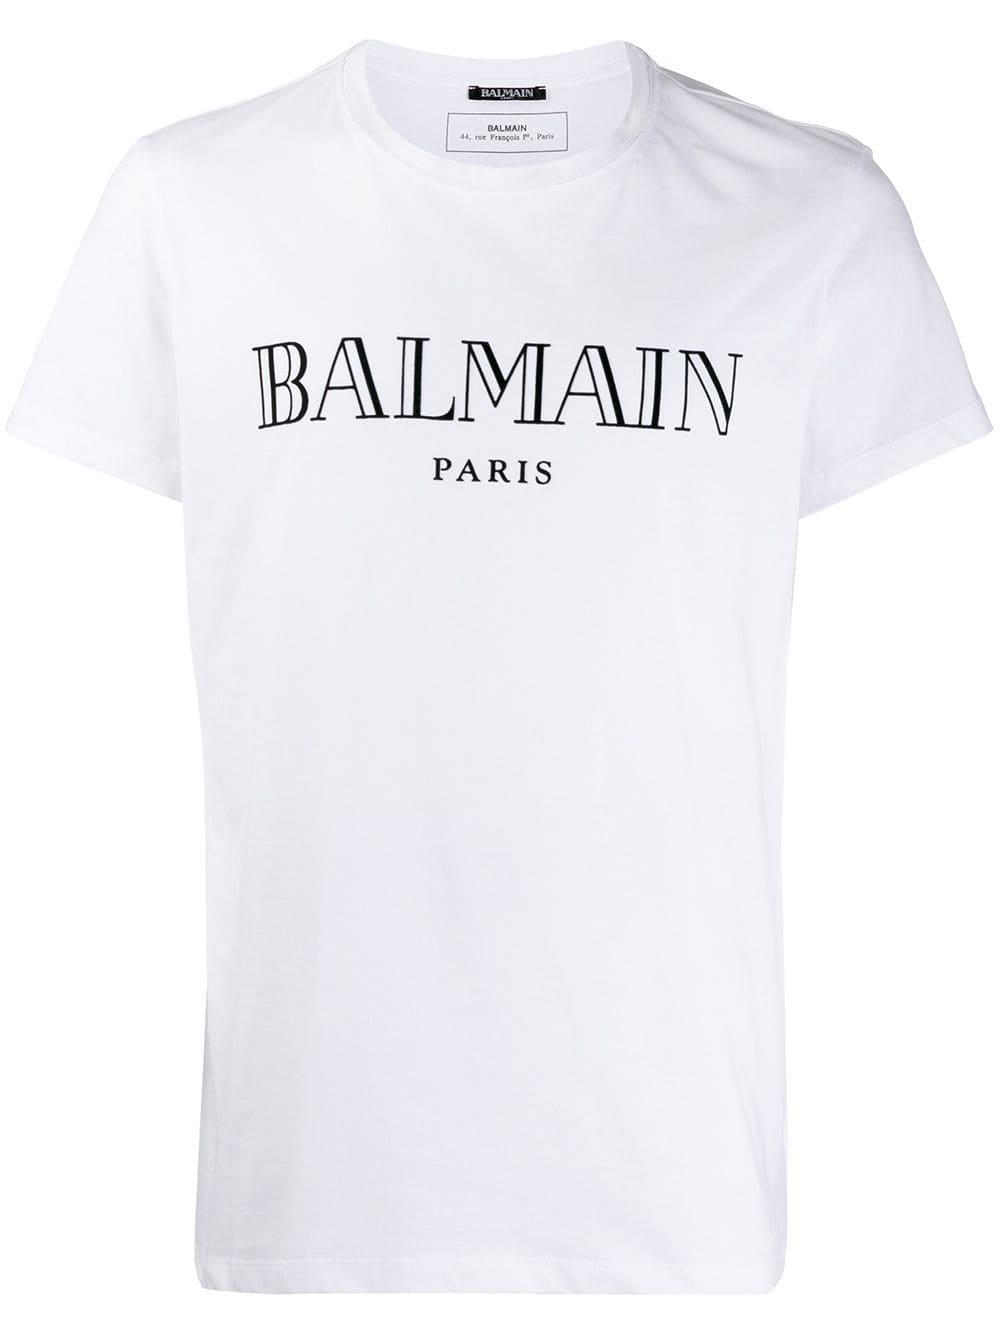 balmain shirts